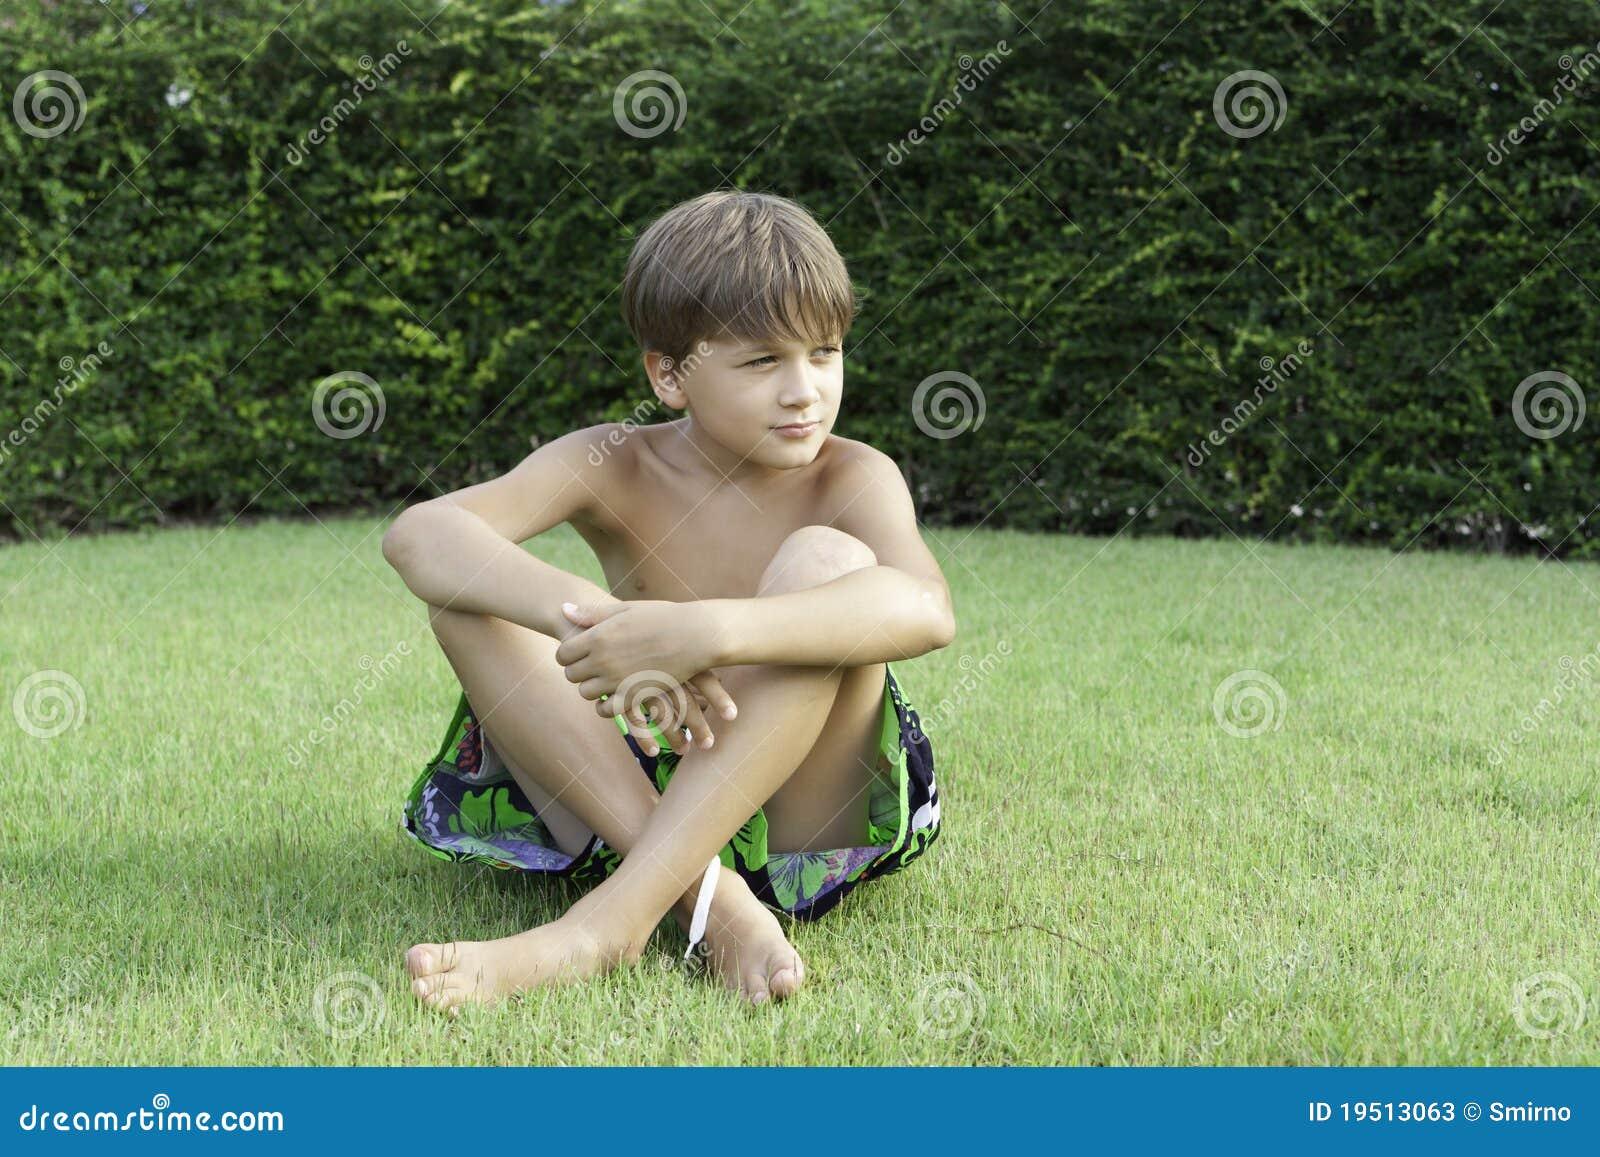 Фото про писек мальчиков, Фото мужских членов - мужская эротика 29 фотография